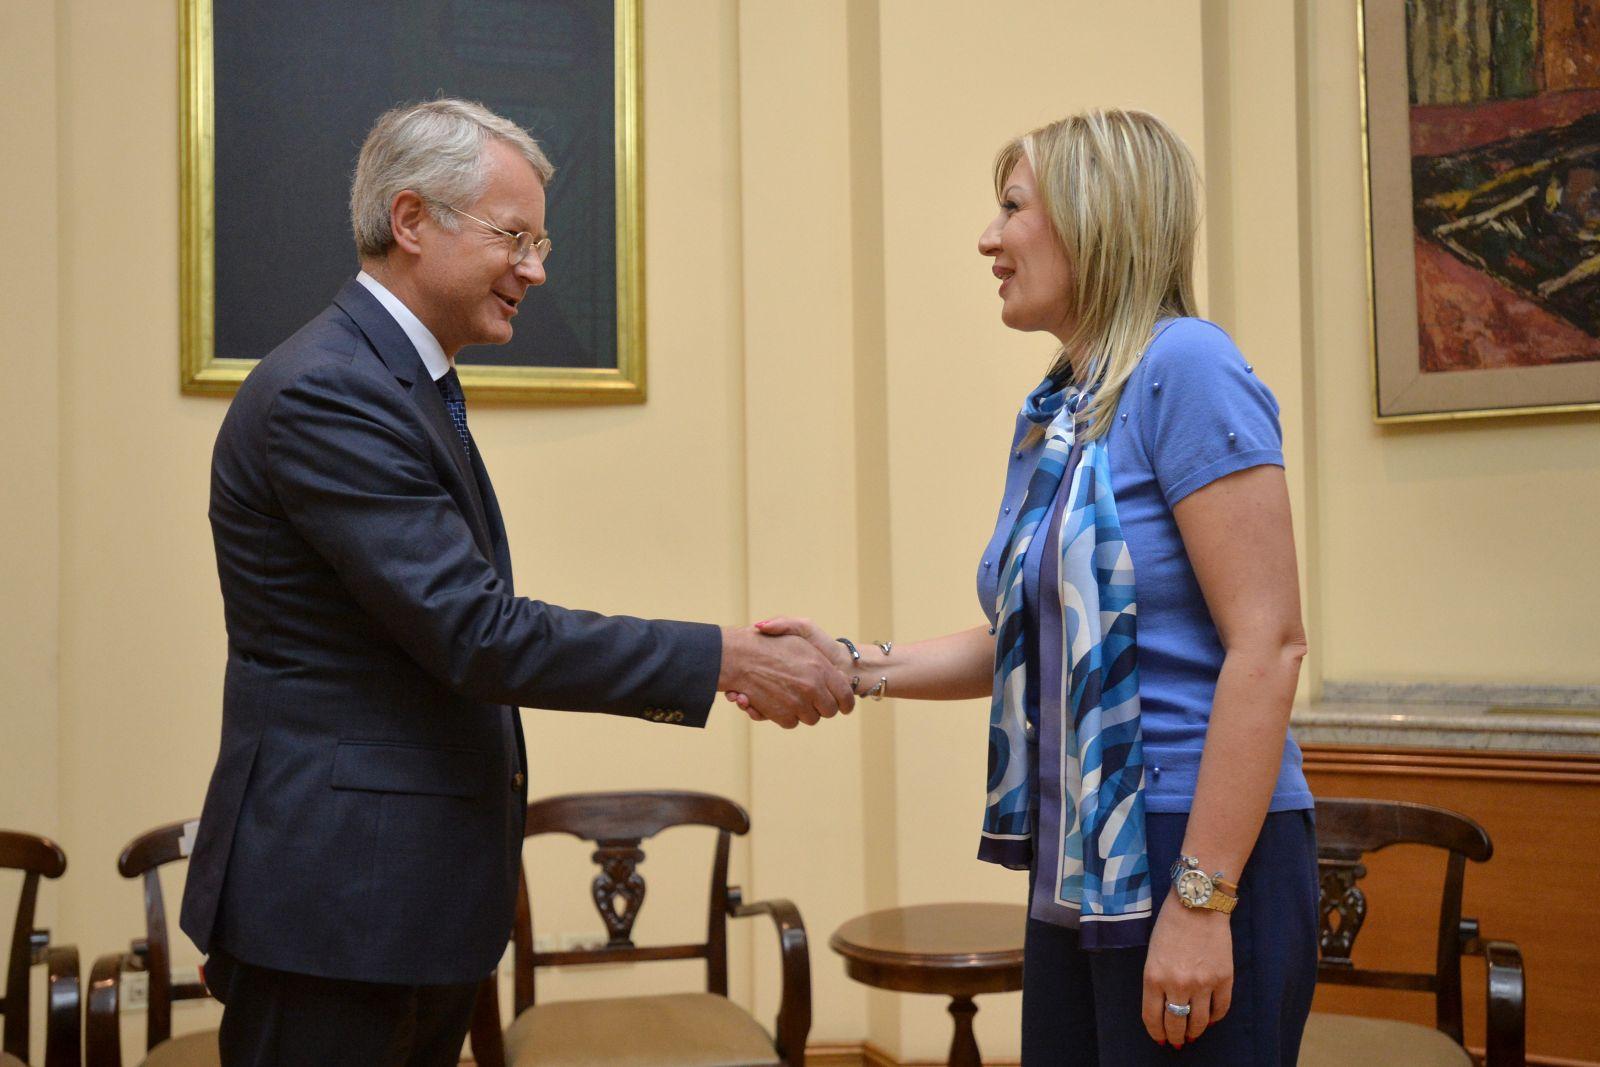 Ј. Јоксимовић и Лахдевирт: Од 1. јула Финска председава ЕУ, подршка политици проширења